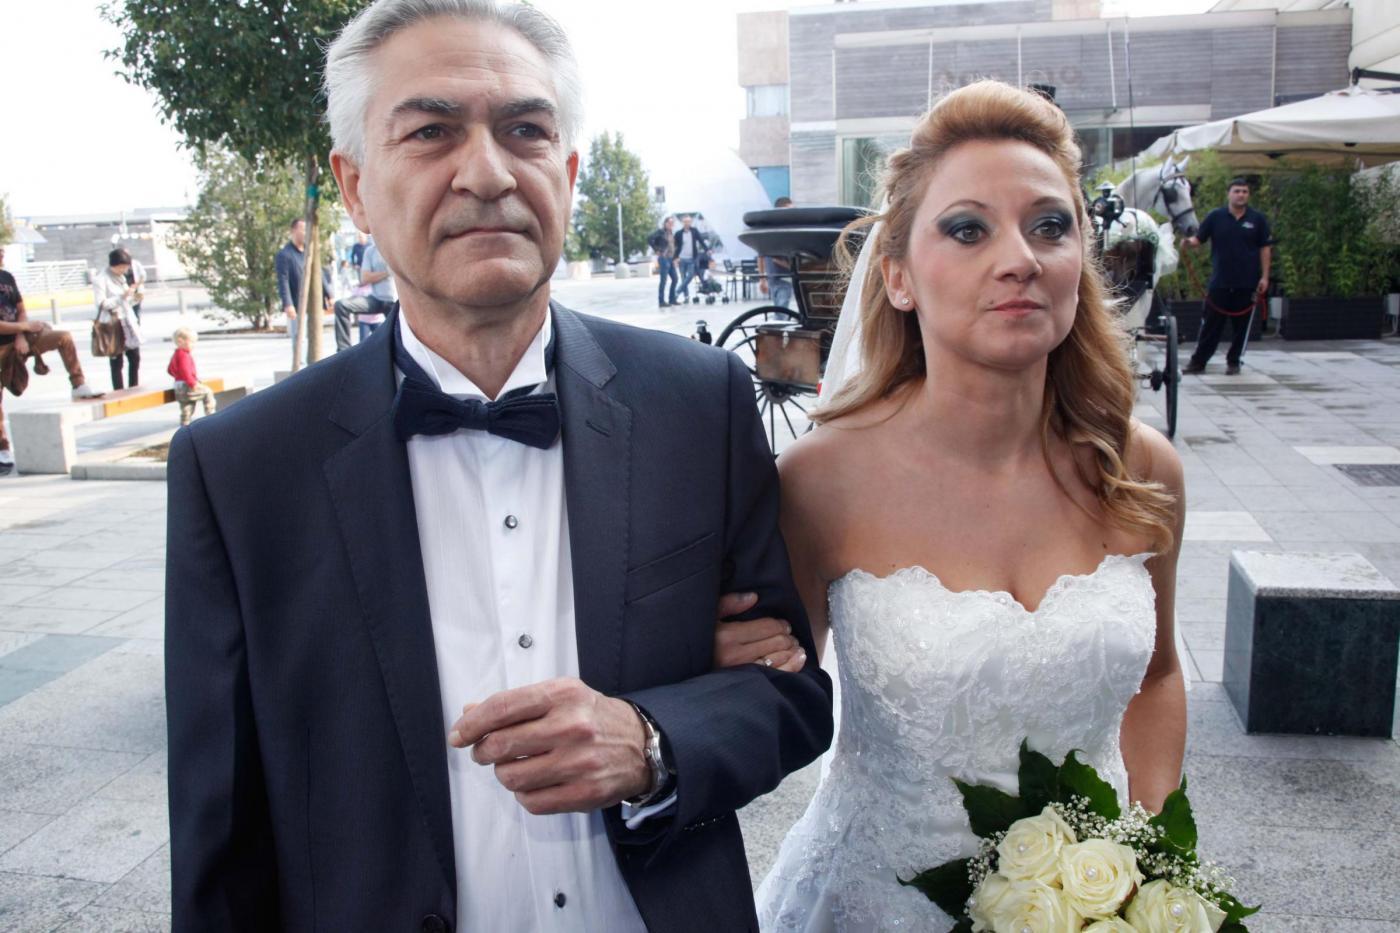 Si sposano nel centro commerciale del primo incontro: è la prima volta in Italia07